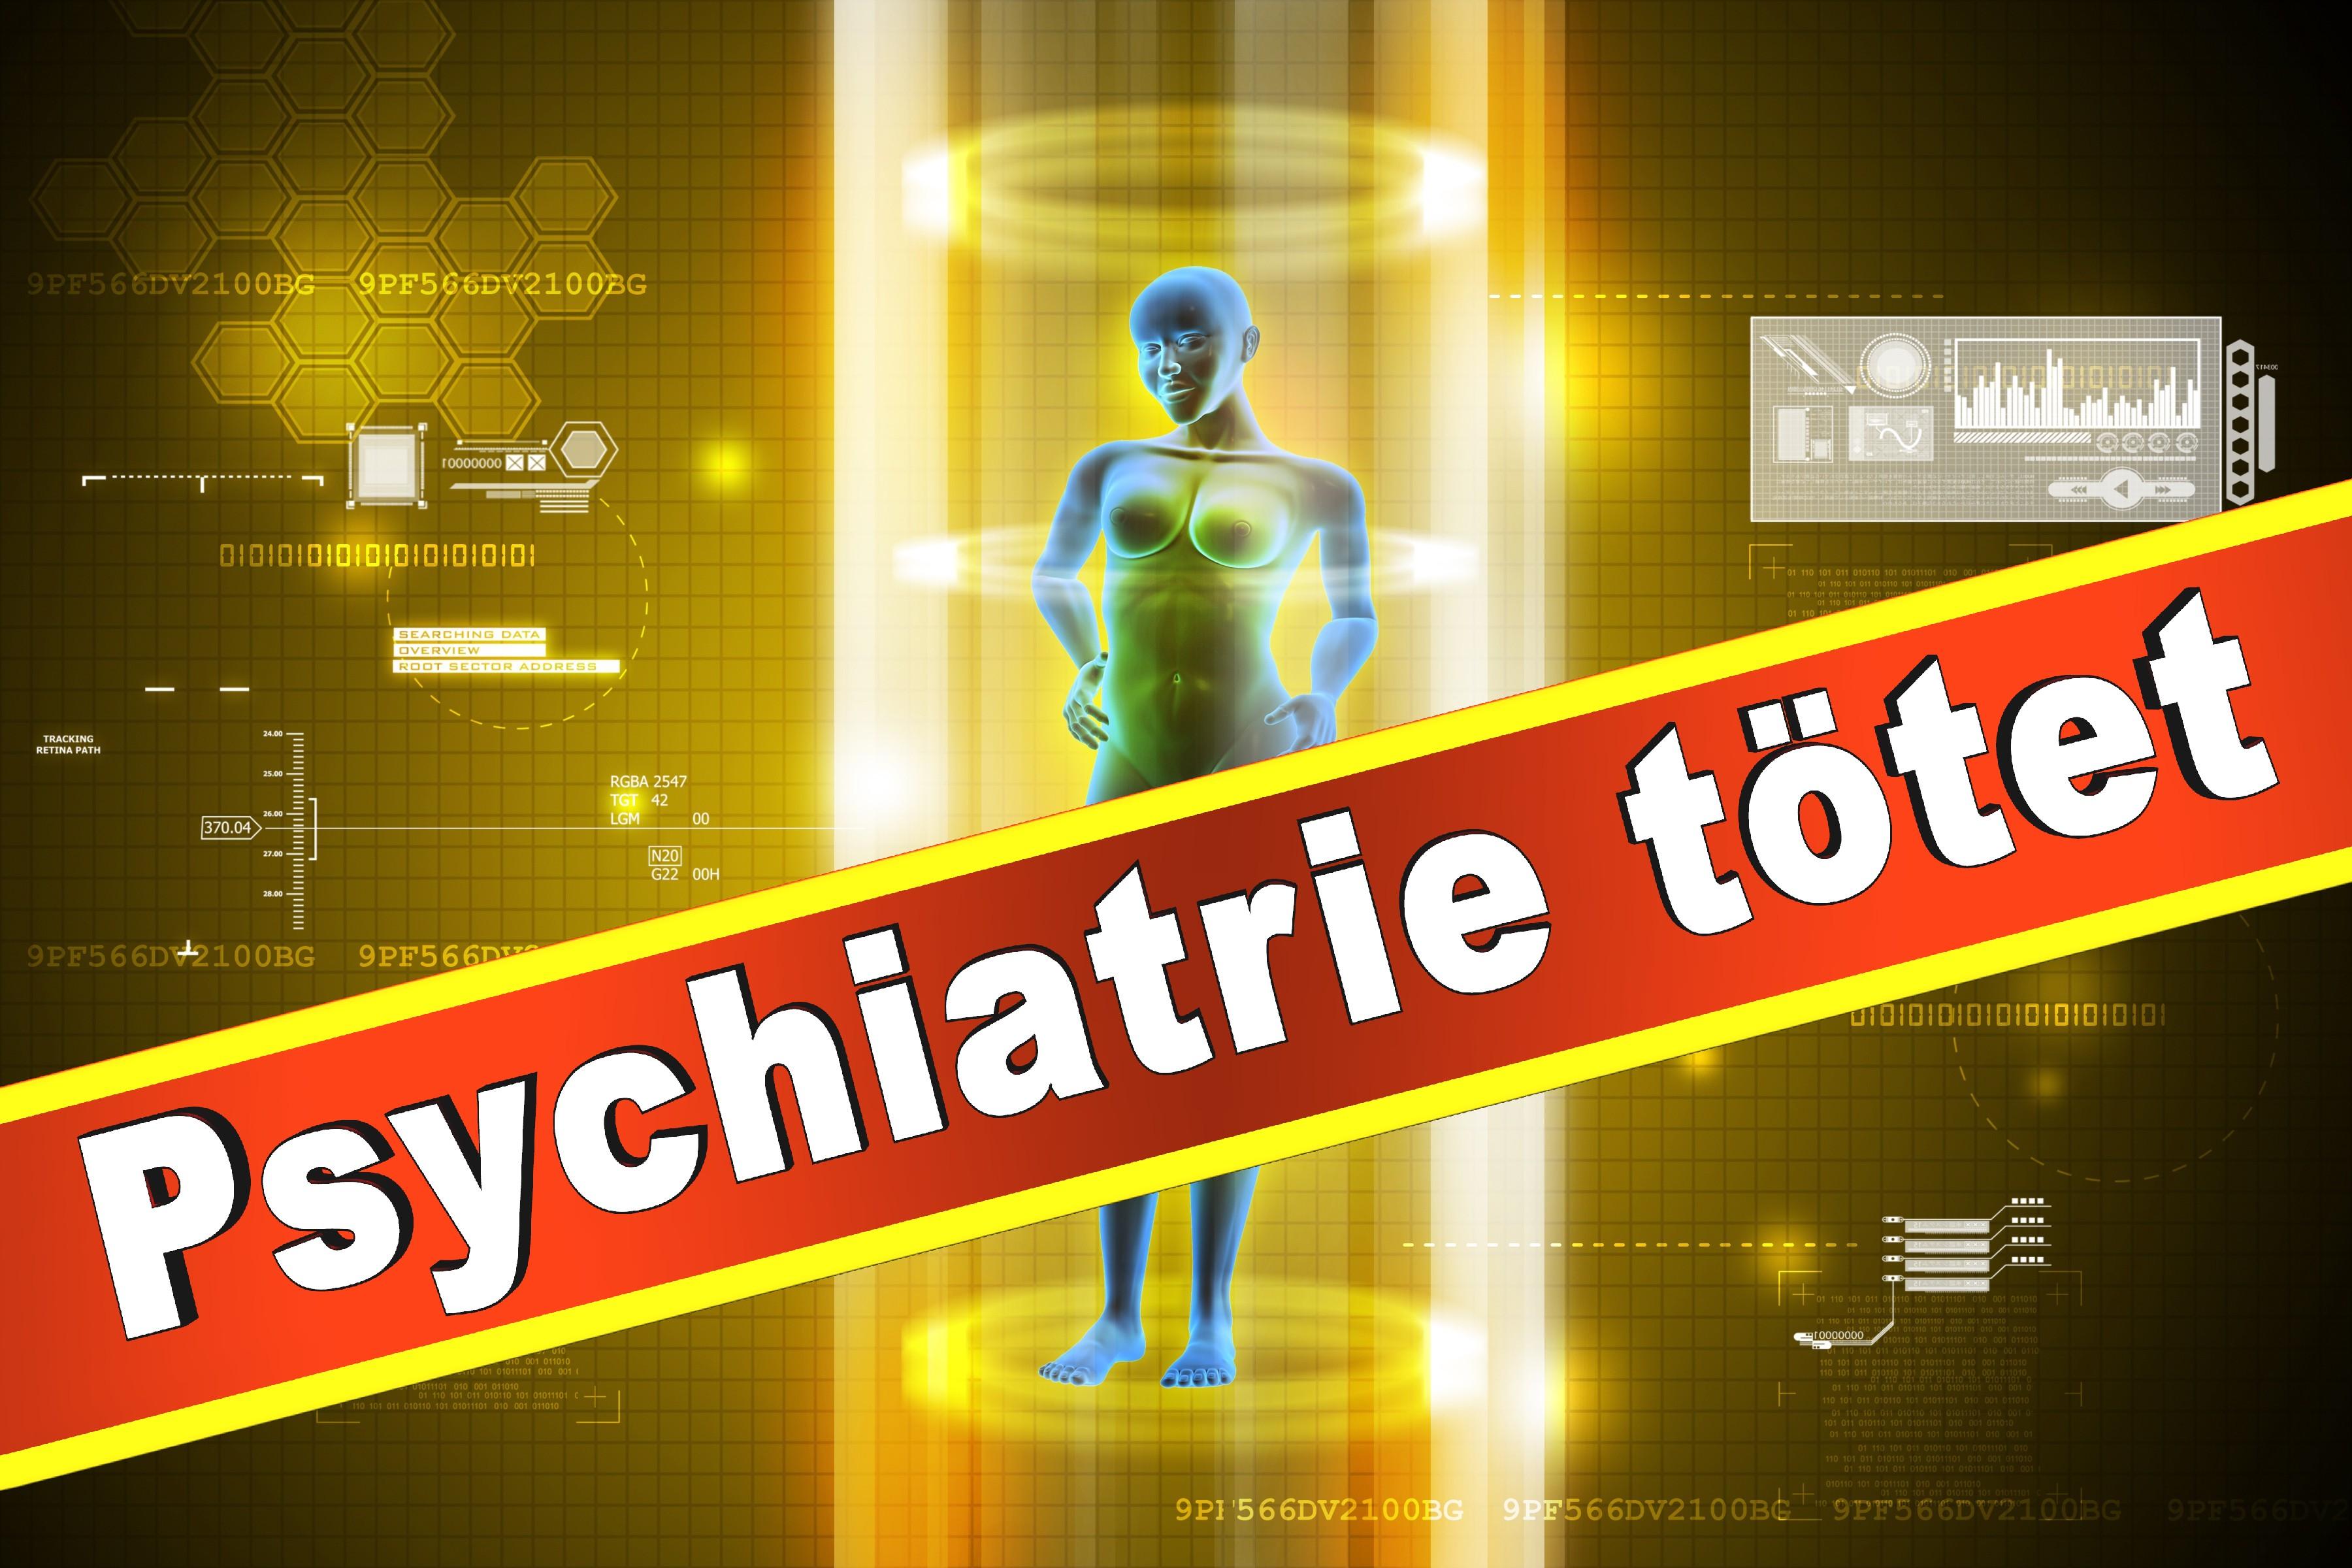 Carl Ernst Von Schönfeld Tagesklinik Psychiatrie Tod Bethel Psychiater Korruption Gift Zwangspsychiatrie Unterbringung (16)